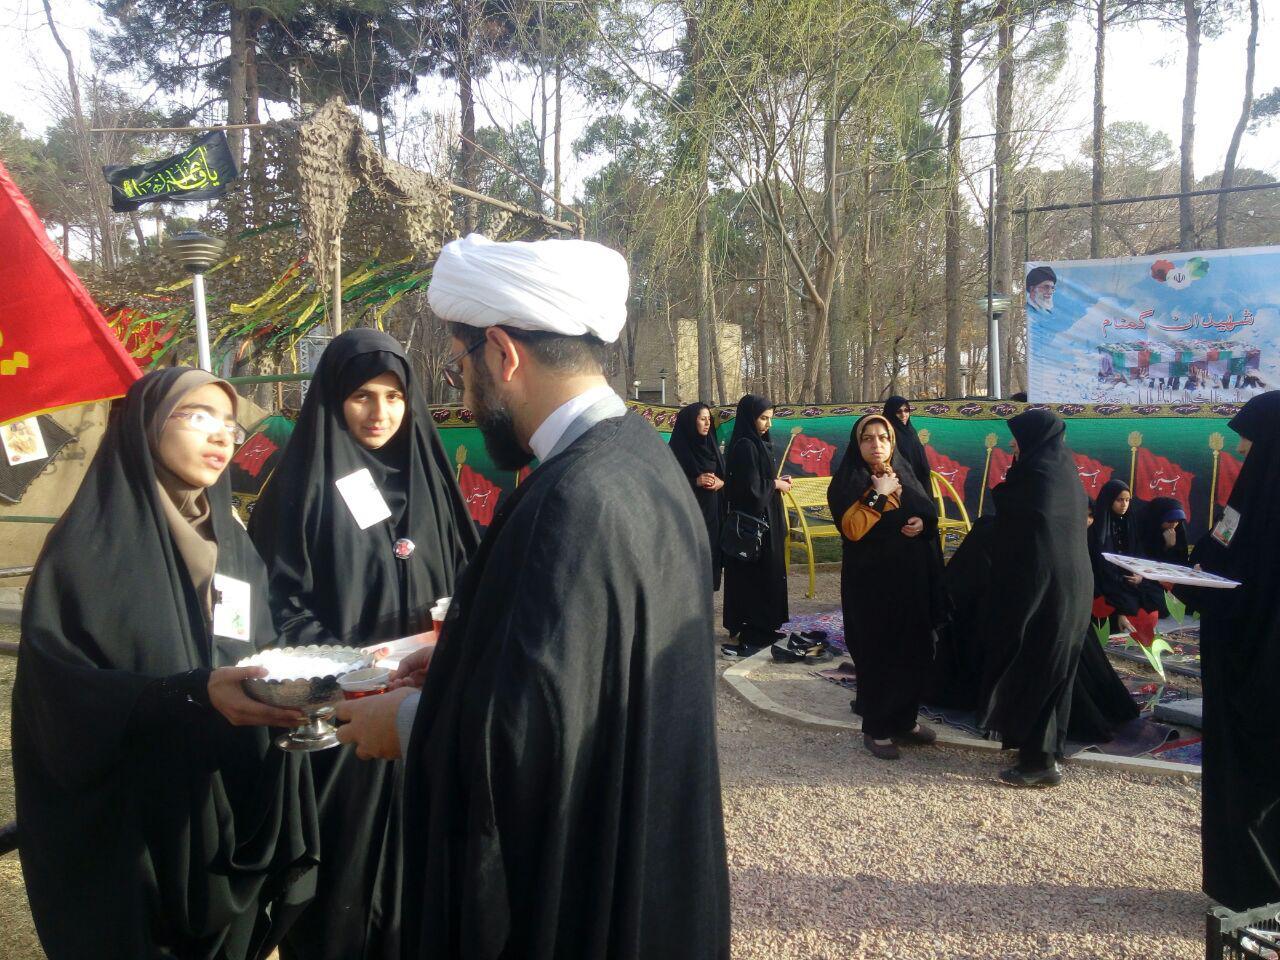 زیارت قبور شهدای گمنام توسط امام جمعه محترم شهر در اولین شب جمعه دفن این عزیزان